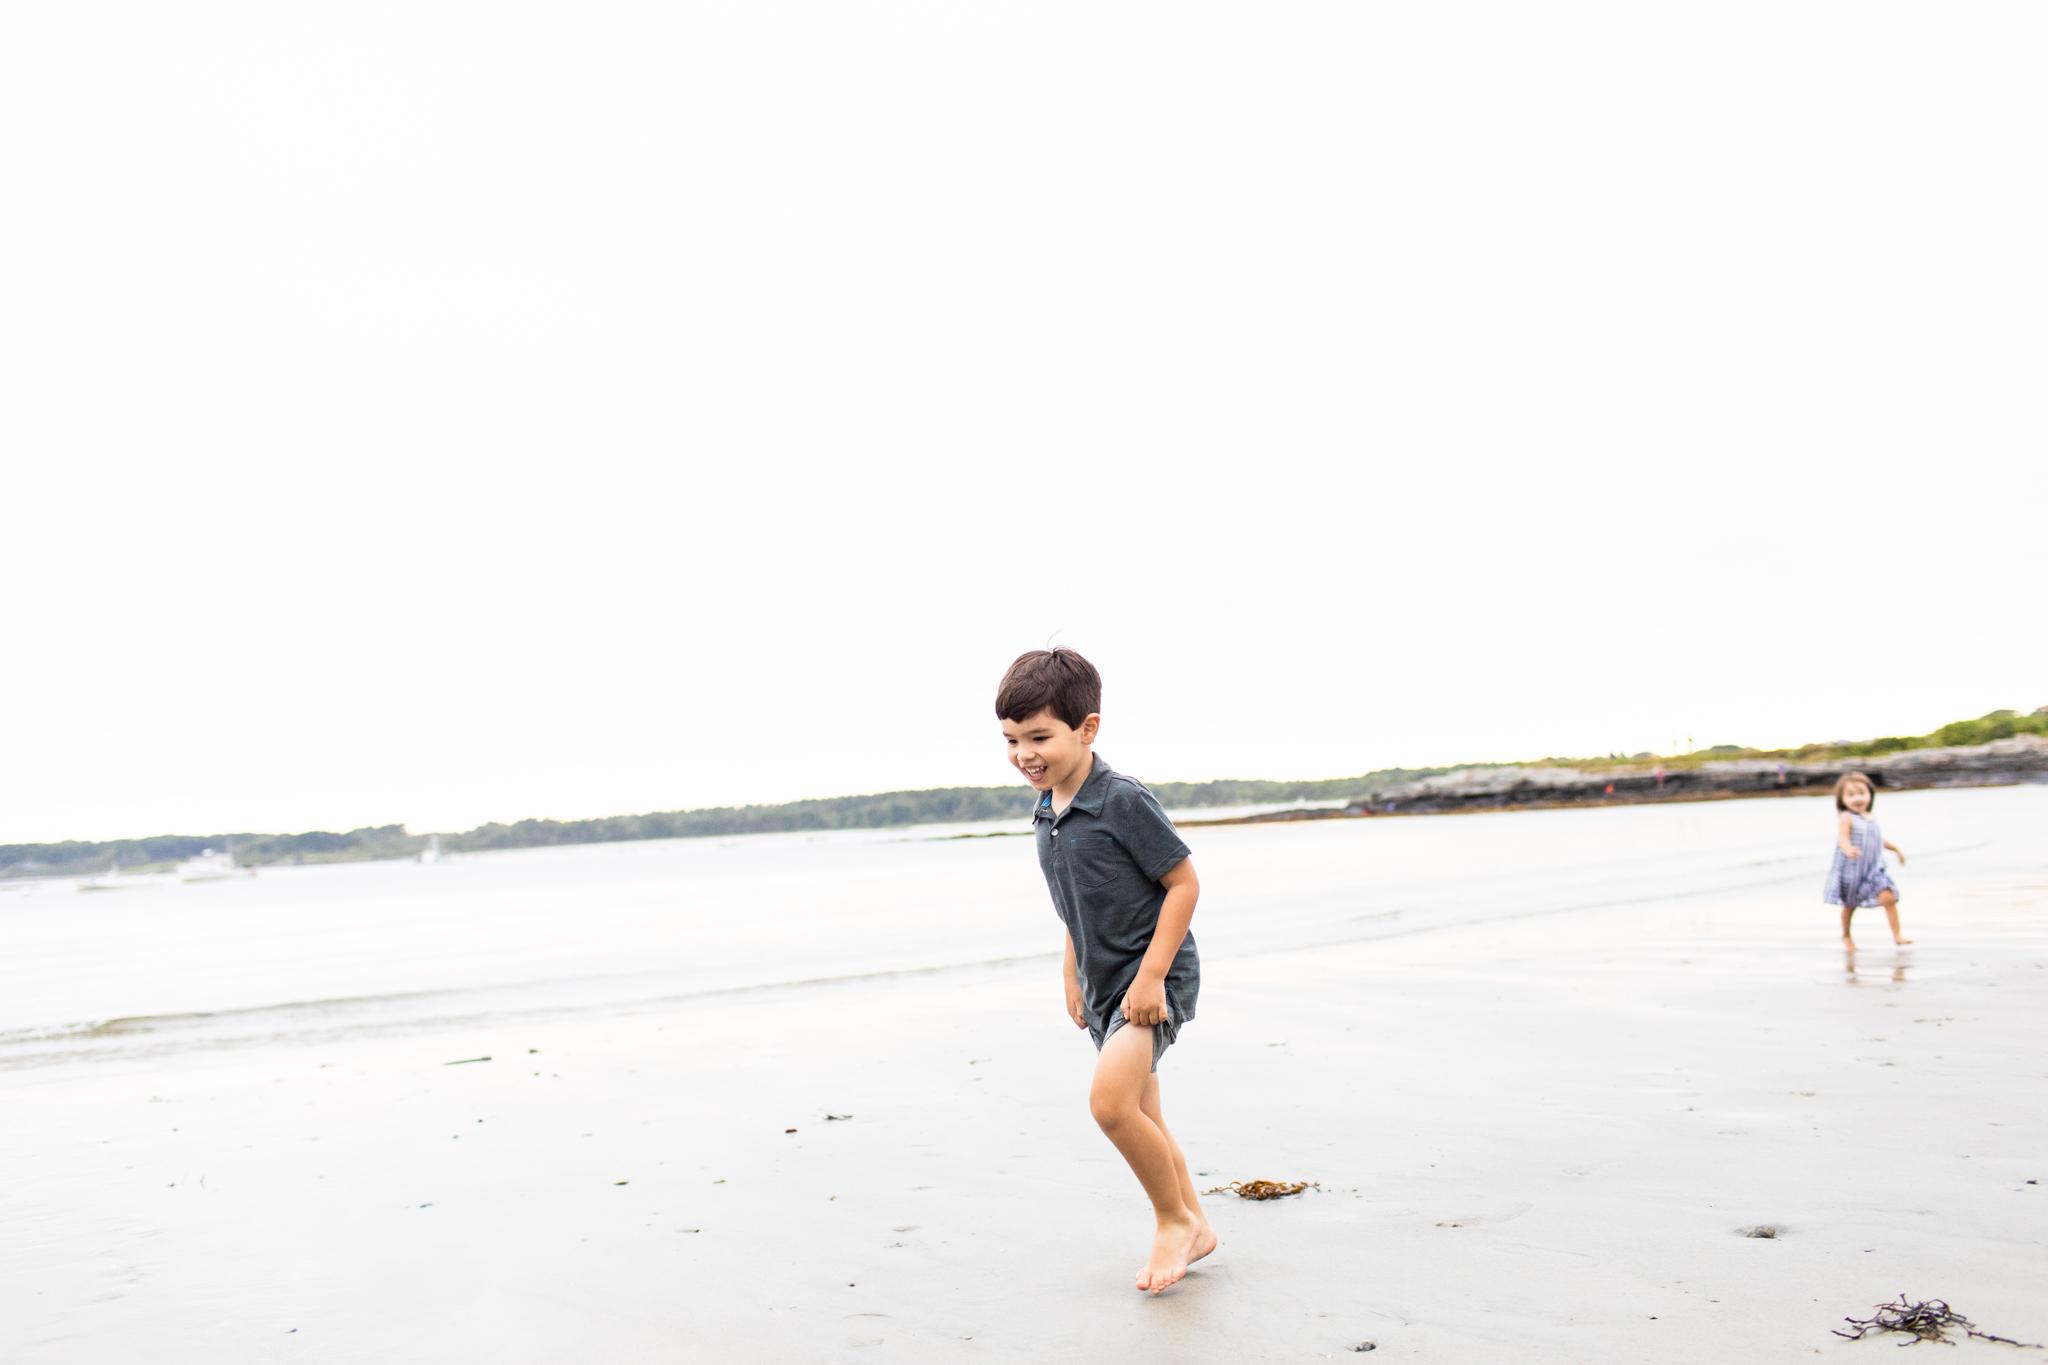 maine-family-photographer-beach-lifestyle -76.jpg